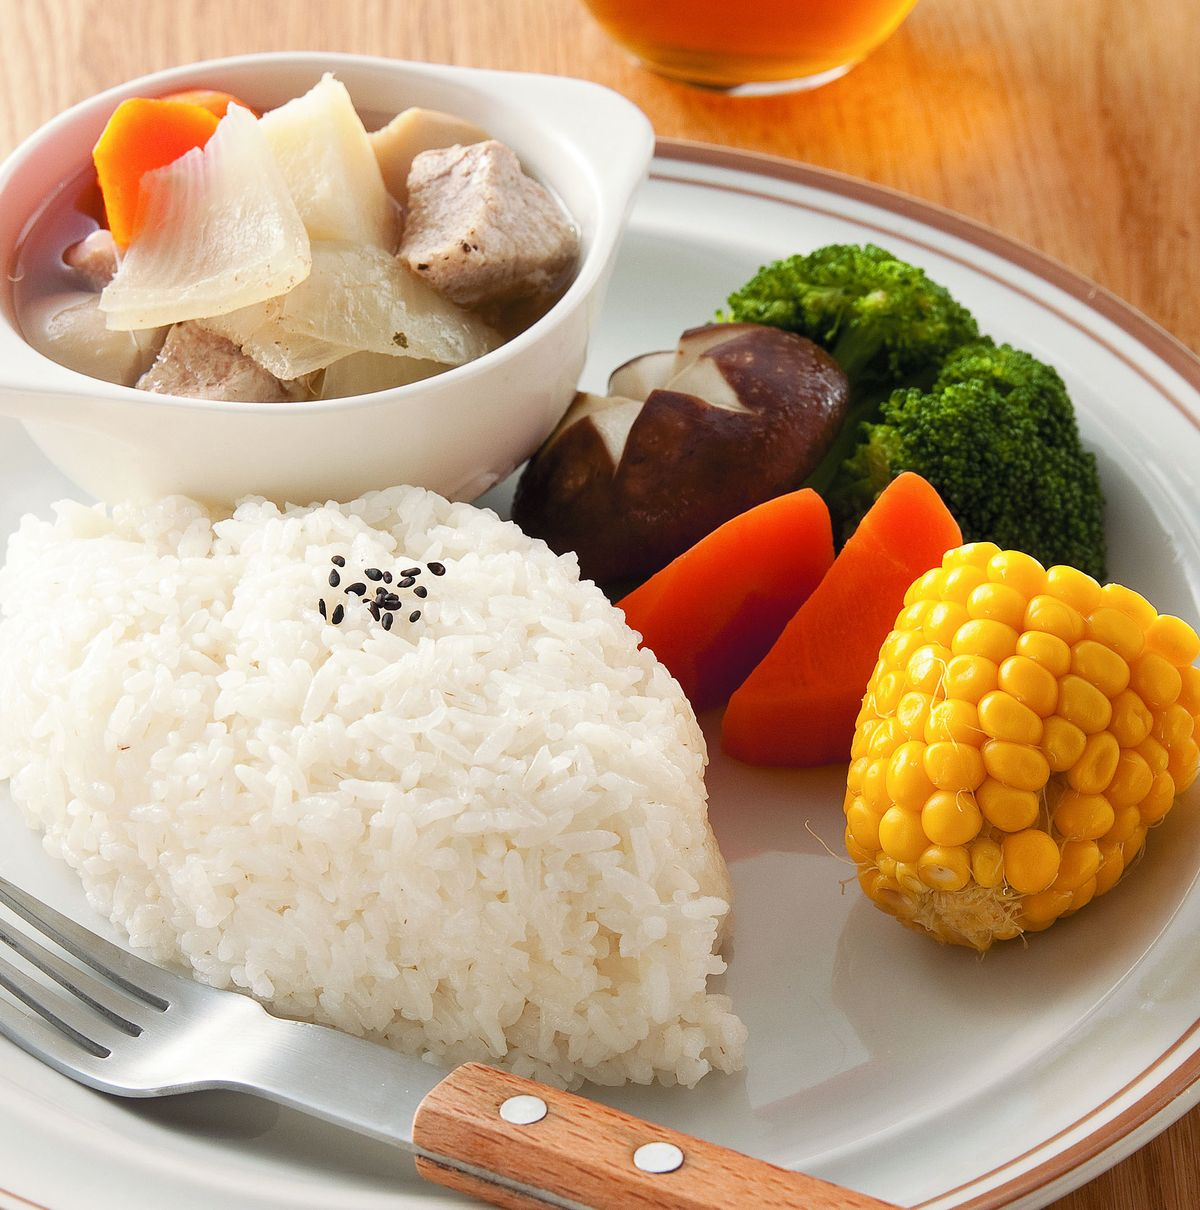 食譜:馬鈴薯燉肉個人套餐